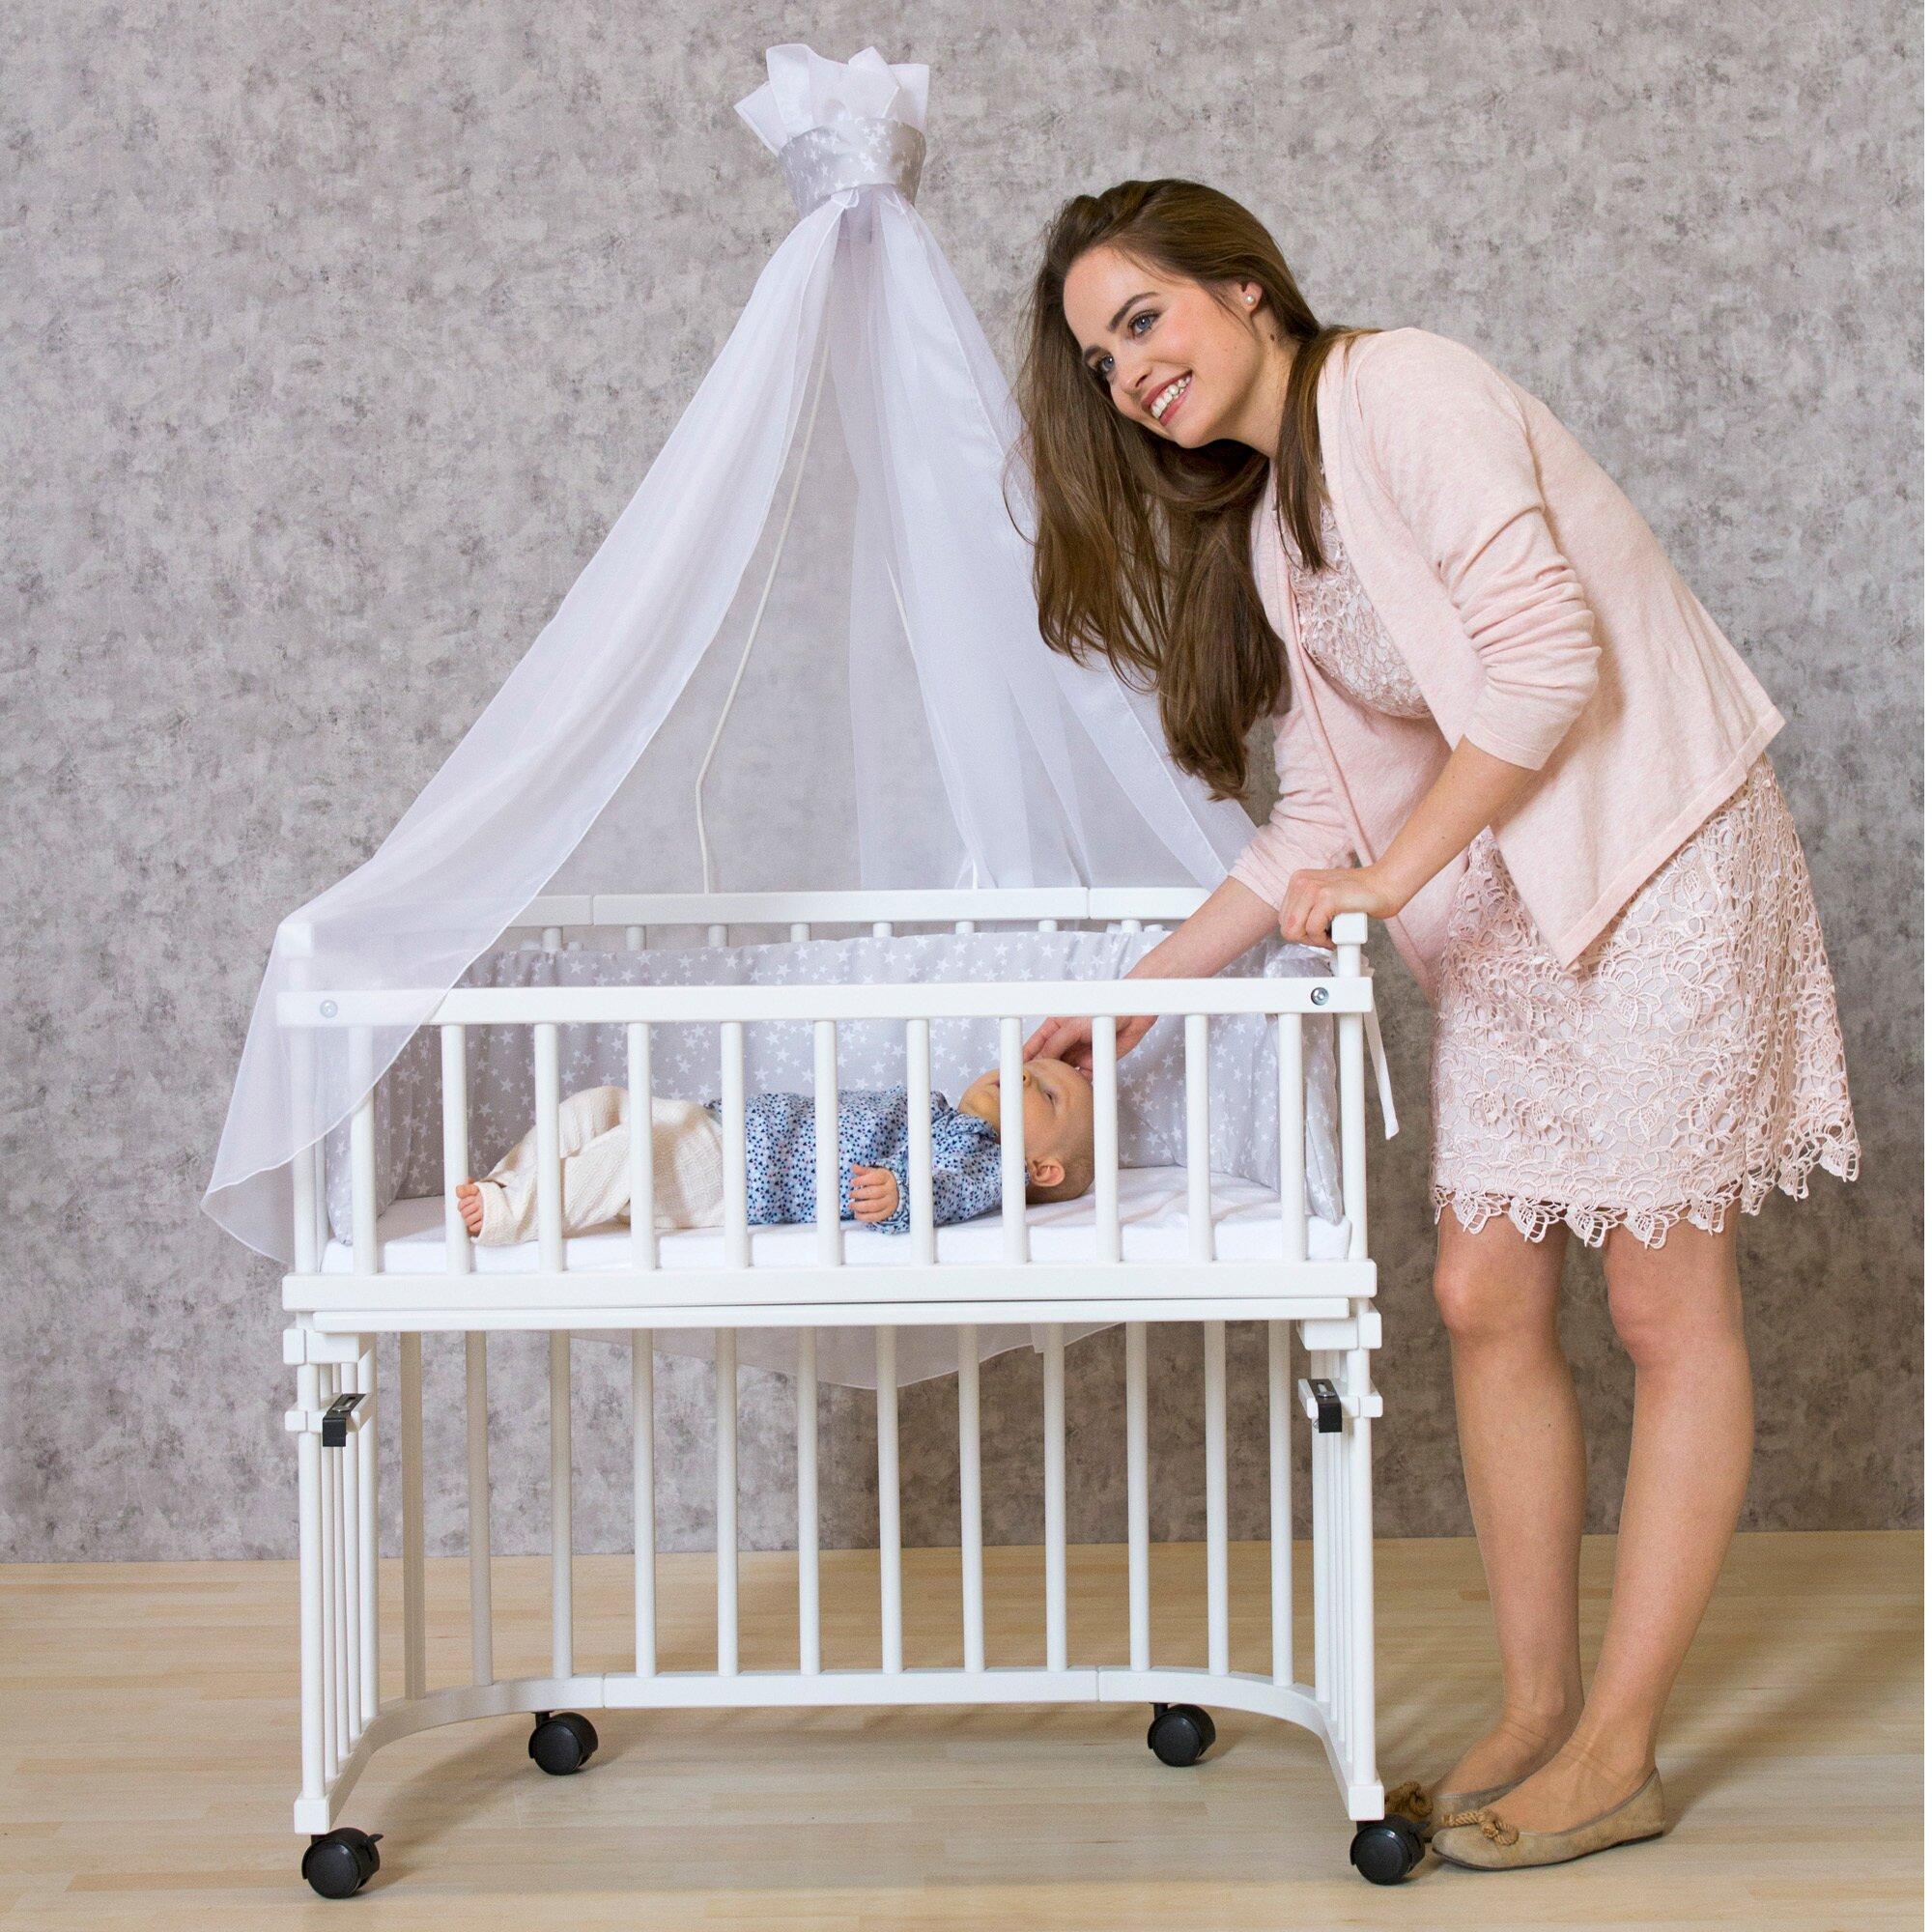 babybay-rollensatz-fur-beistellbett